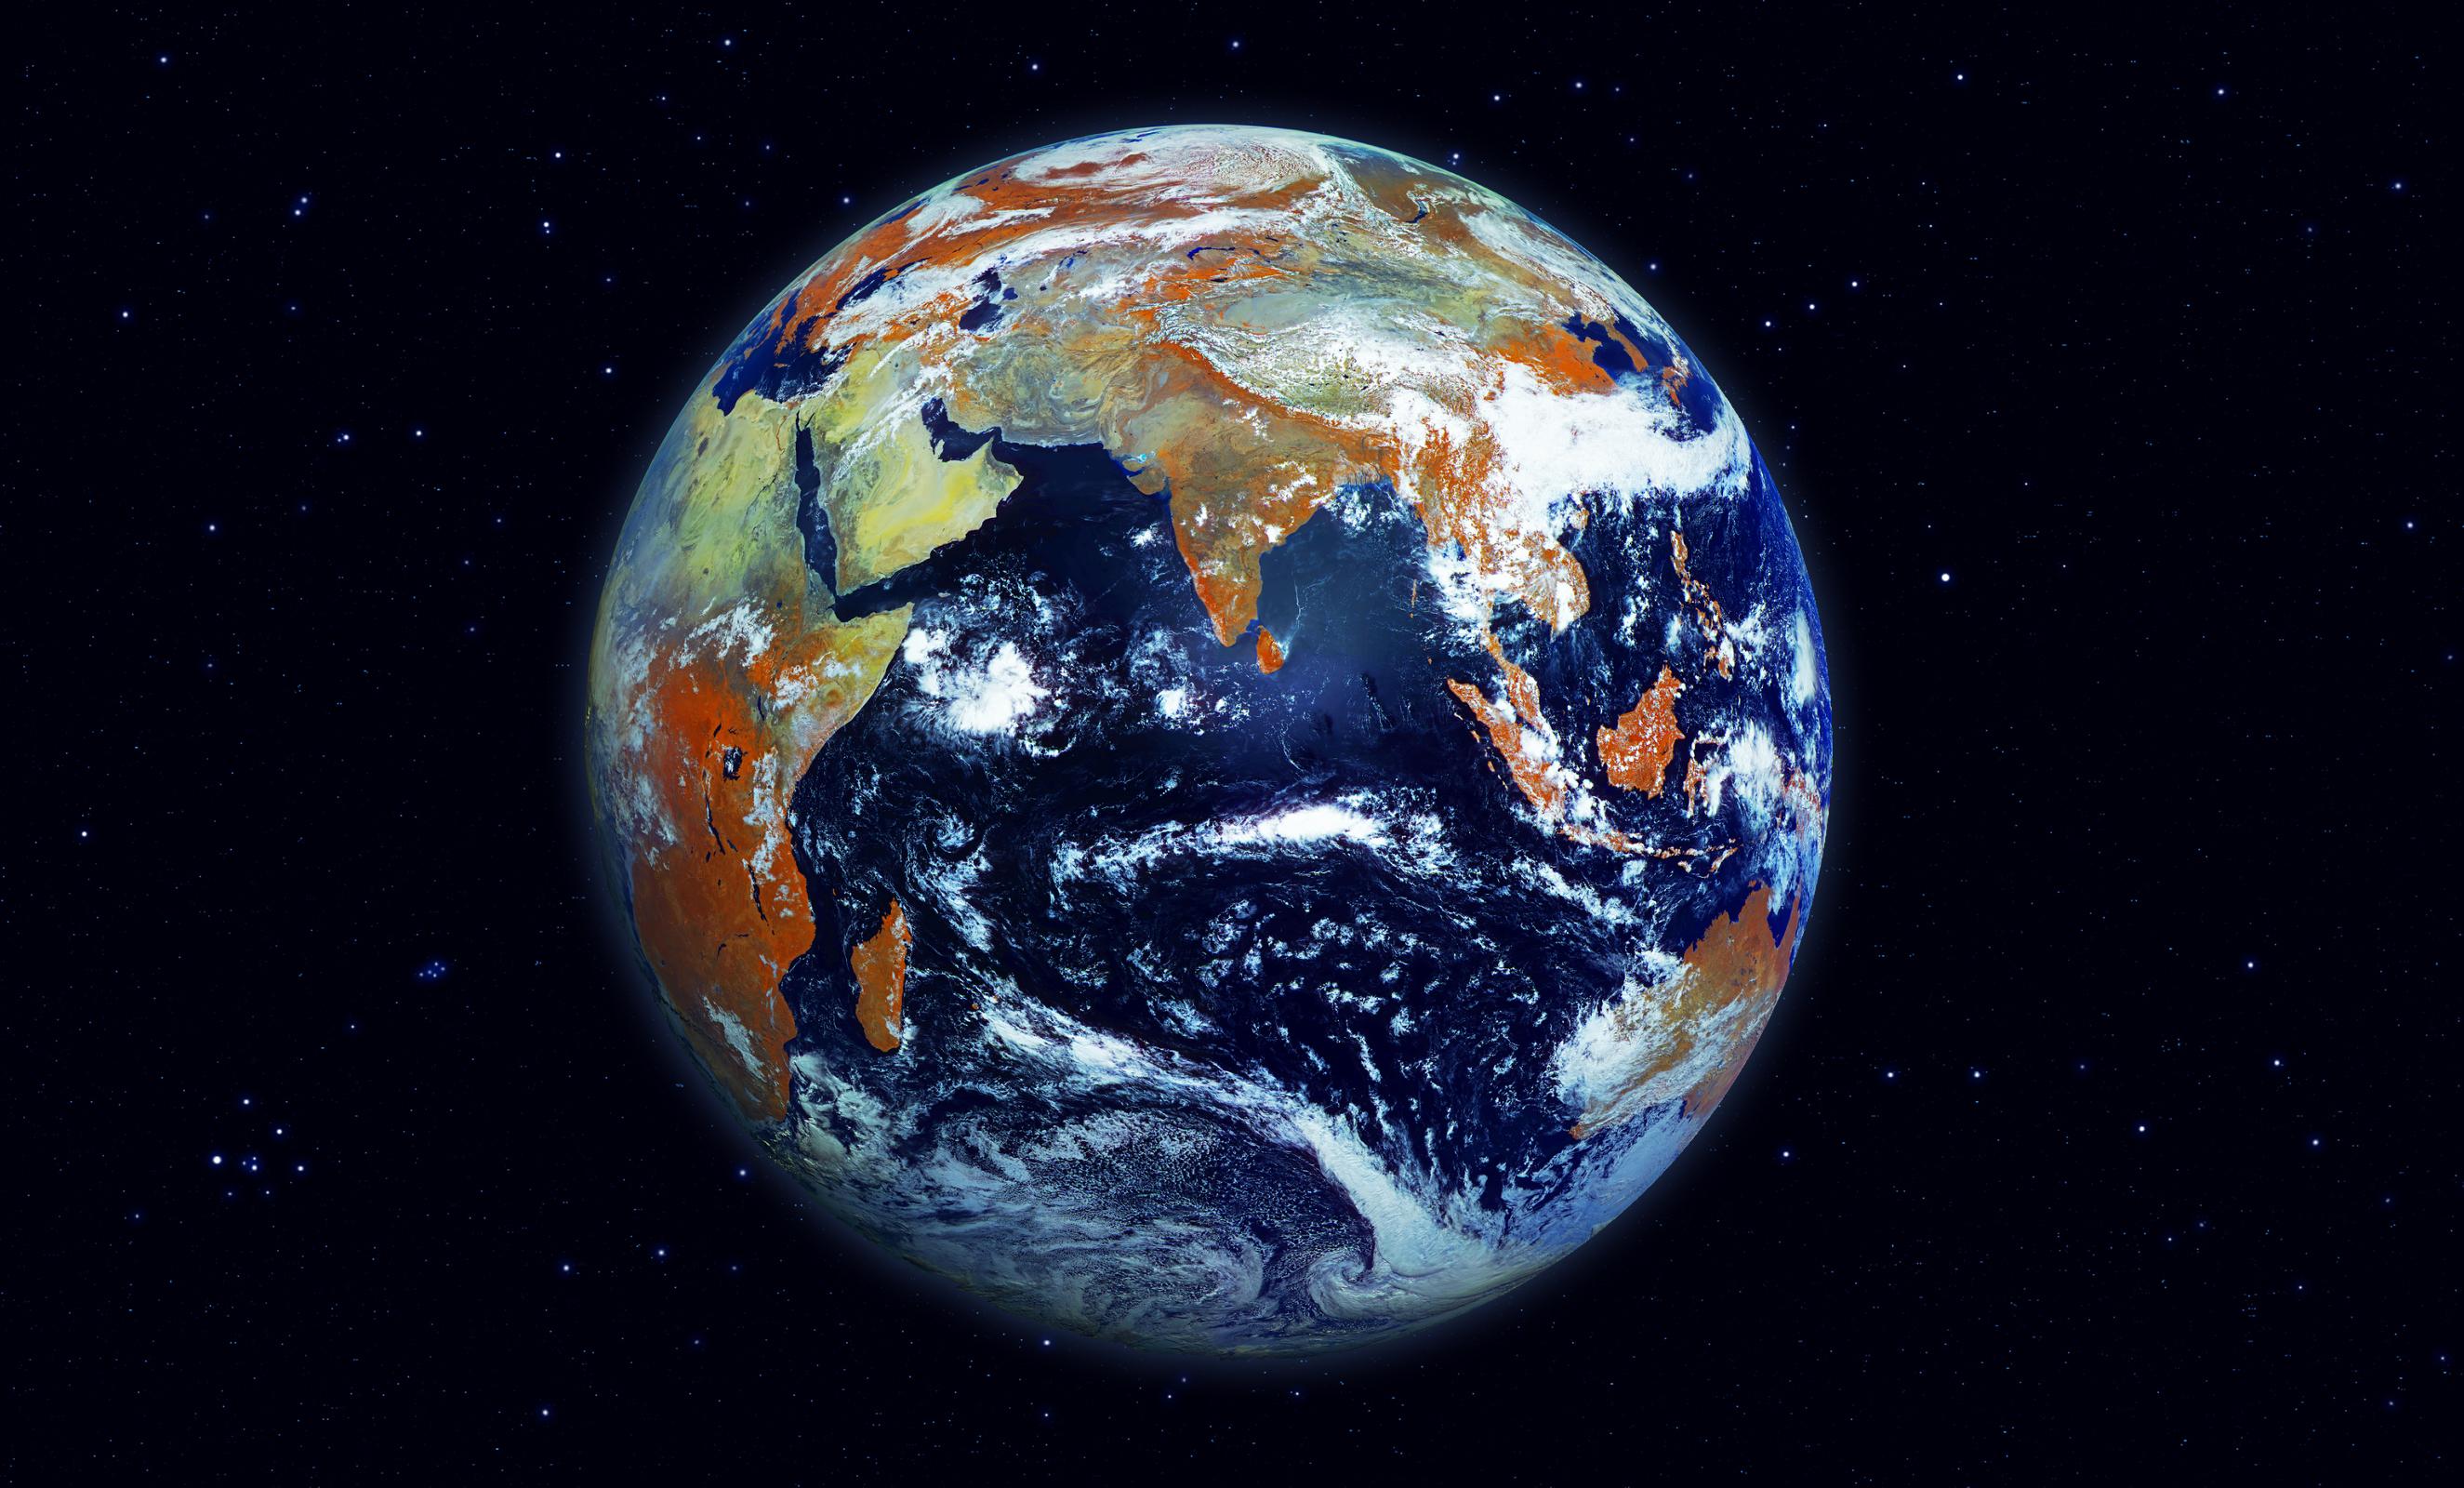 рисунок планеты земля из космоса терять связи дорогими